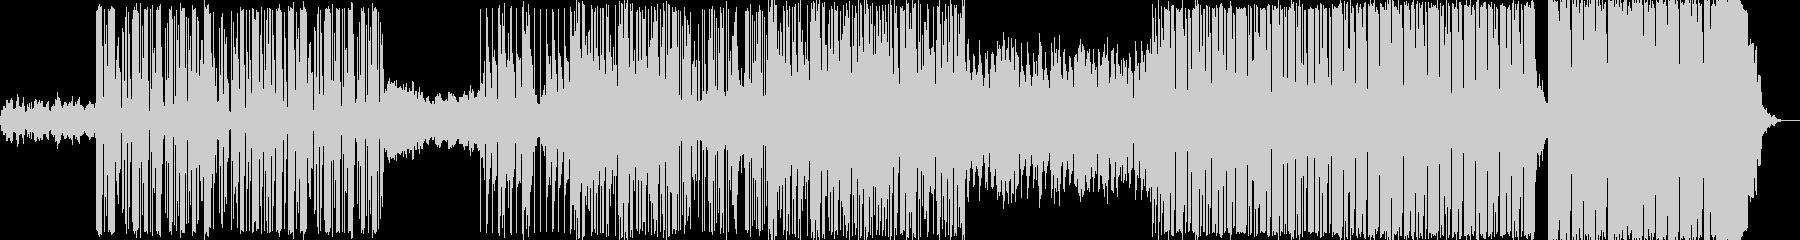 インダストリアルなヒップホップ系電子音楽の未再生の波形